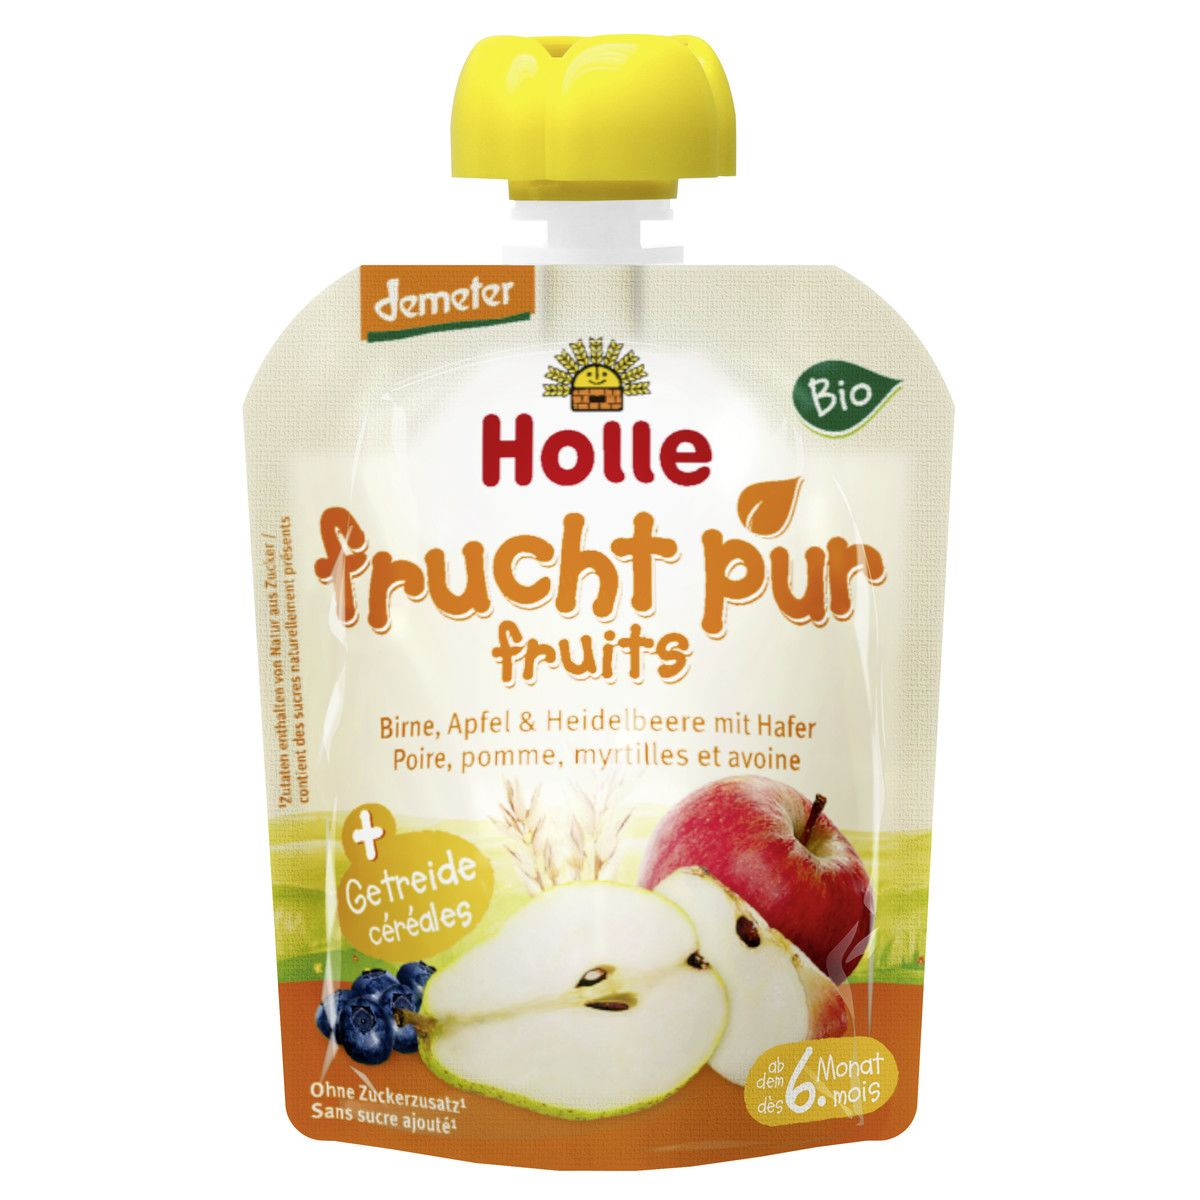 Bio-Pouchy Birne, Apfel & Heidelbeere mit Hafer, ab dem 6. Monat (90g)